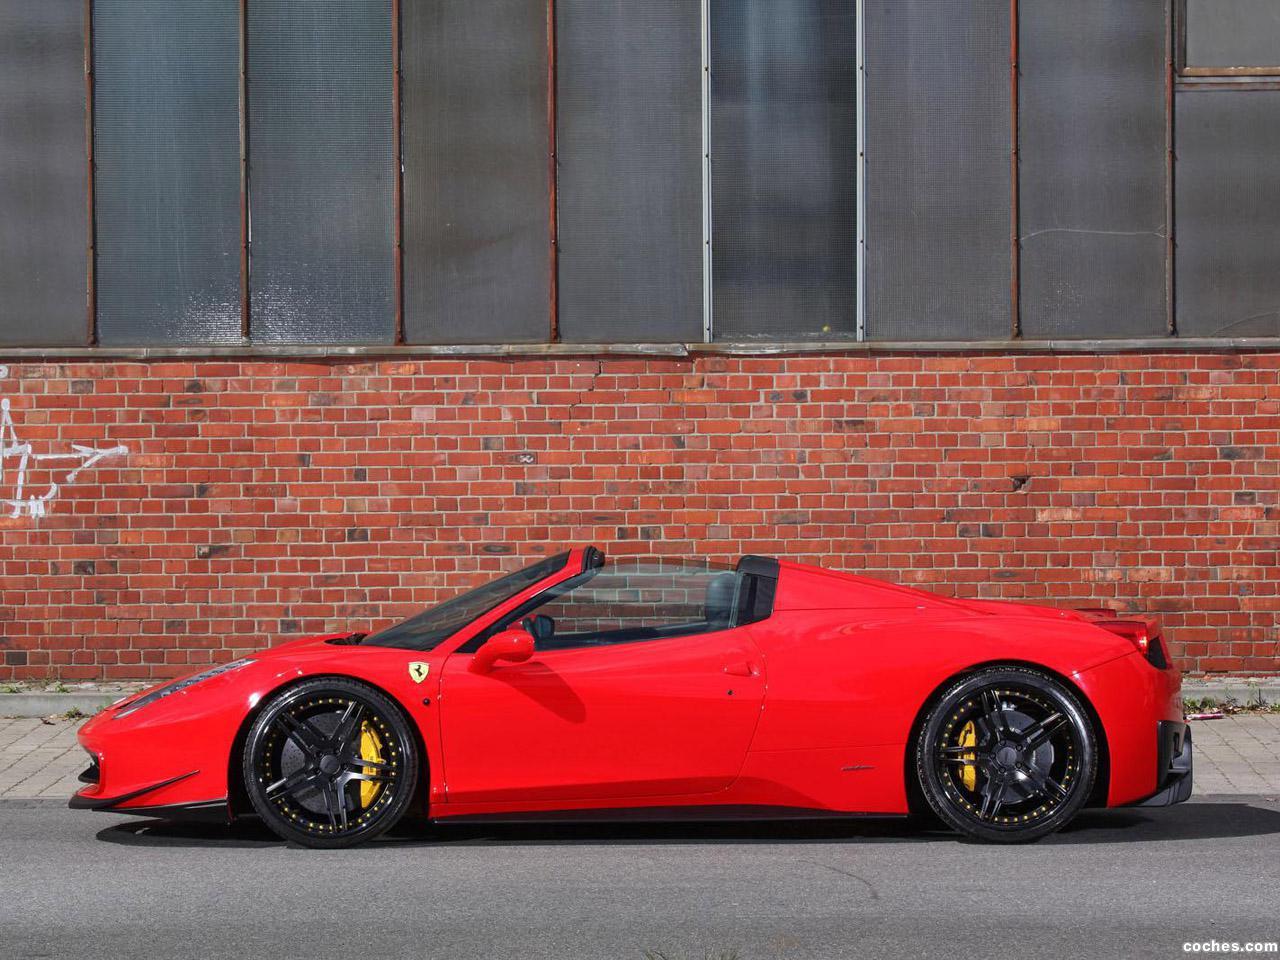 Foto 5 de Mec Design Ferrari 458 Italia 2014